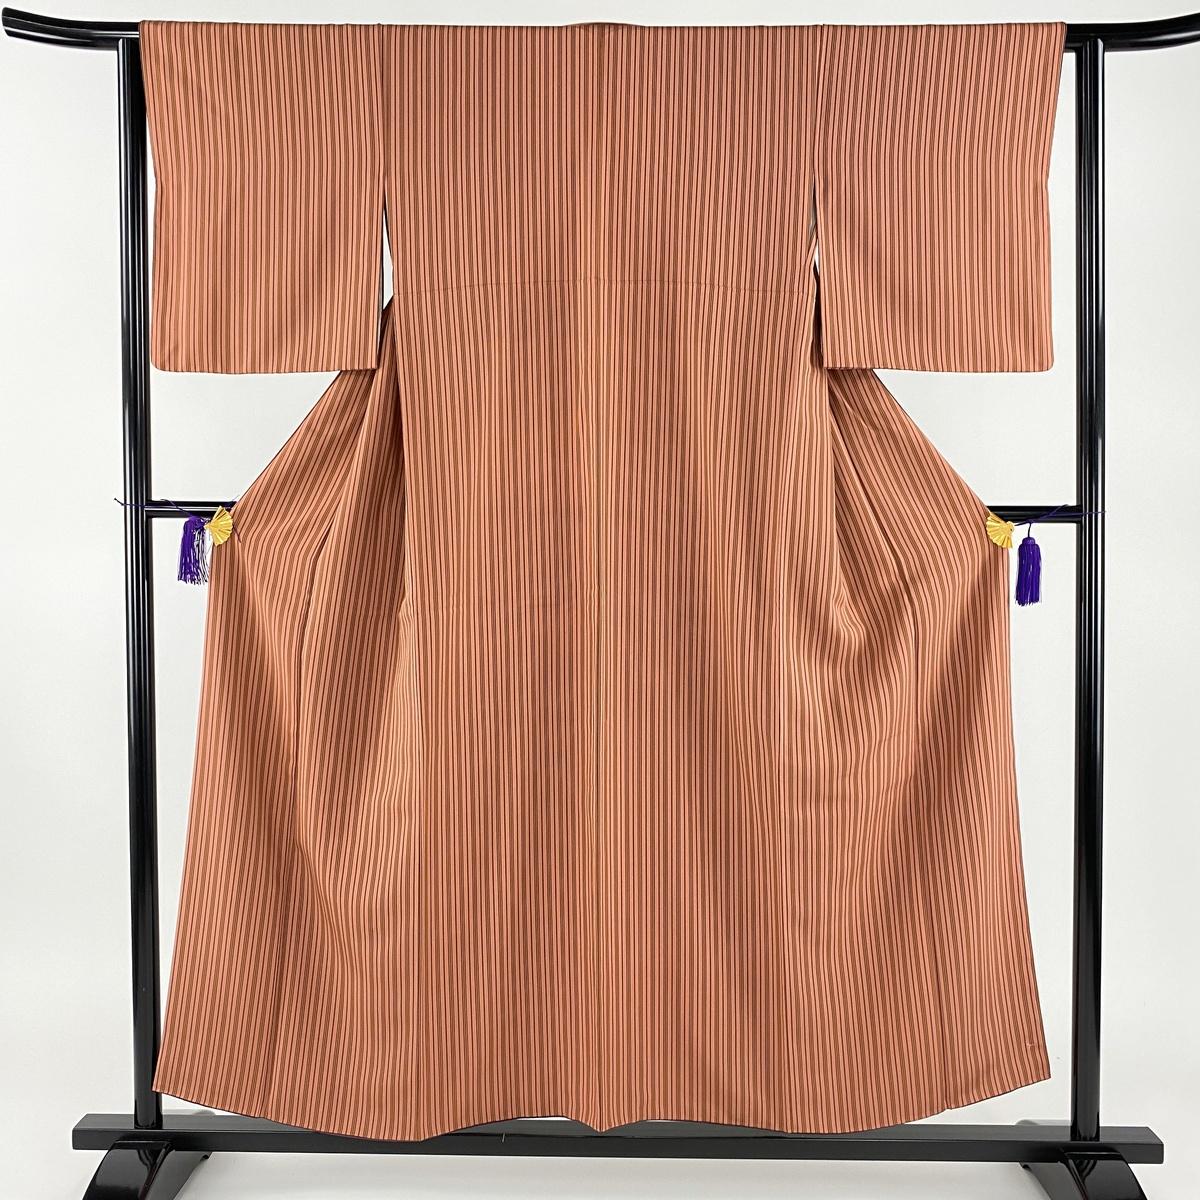 小紋 美品 秀品 縦縞 小豆色 袷 身丈155cm 裄丈63cm S 正絹 【中古】